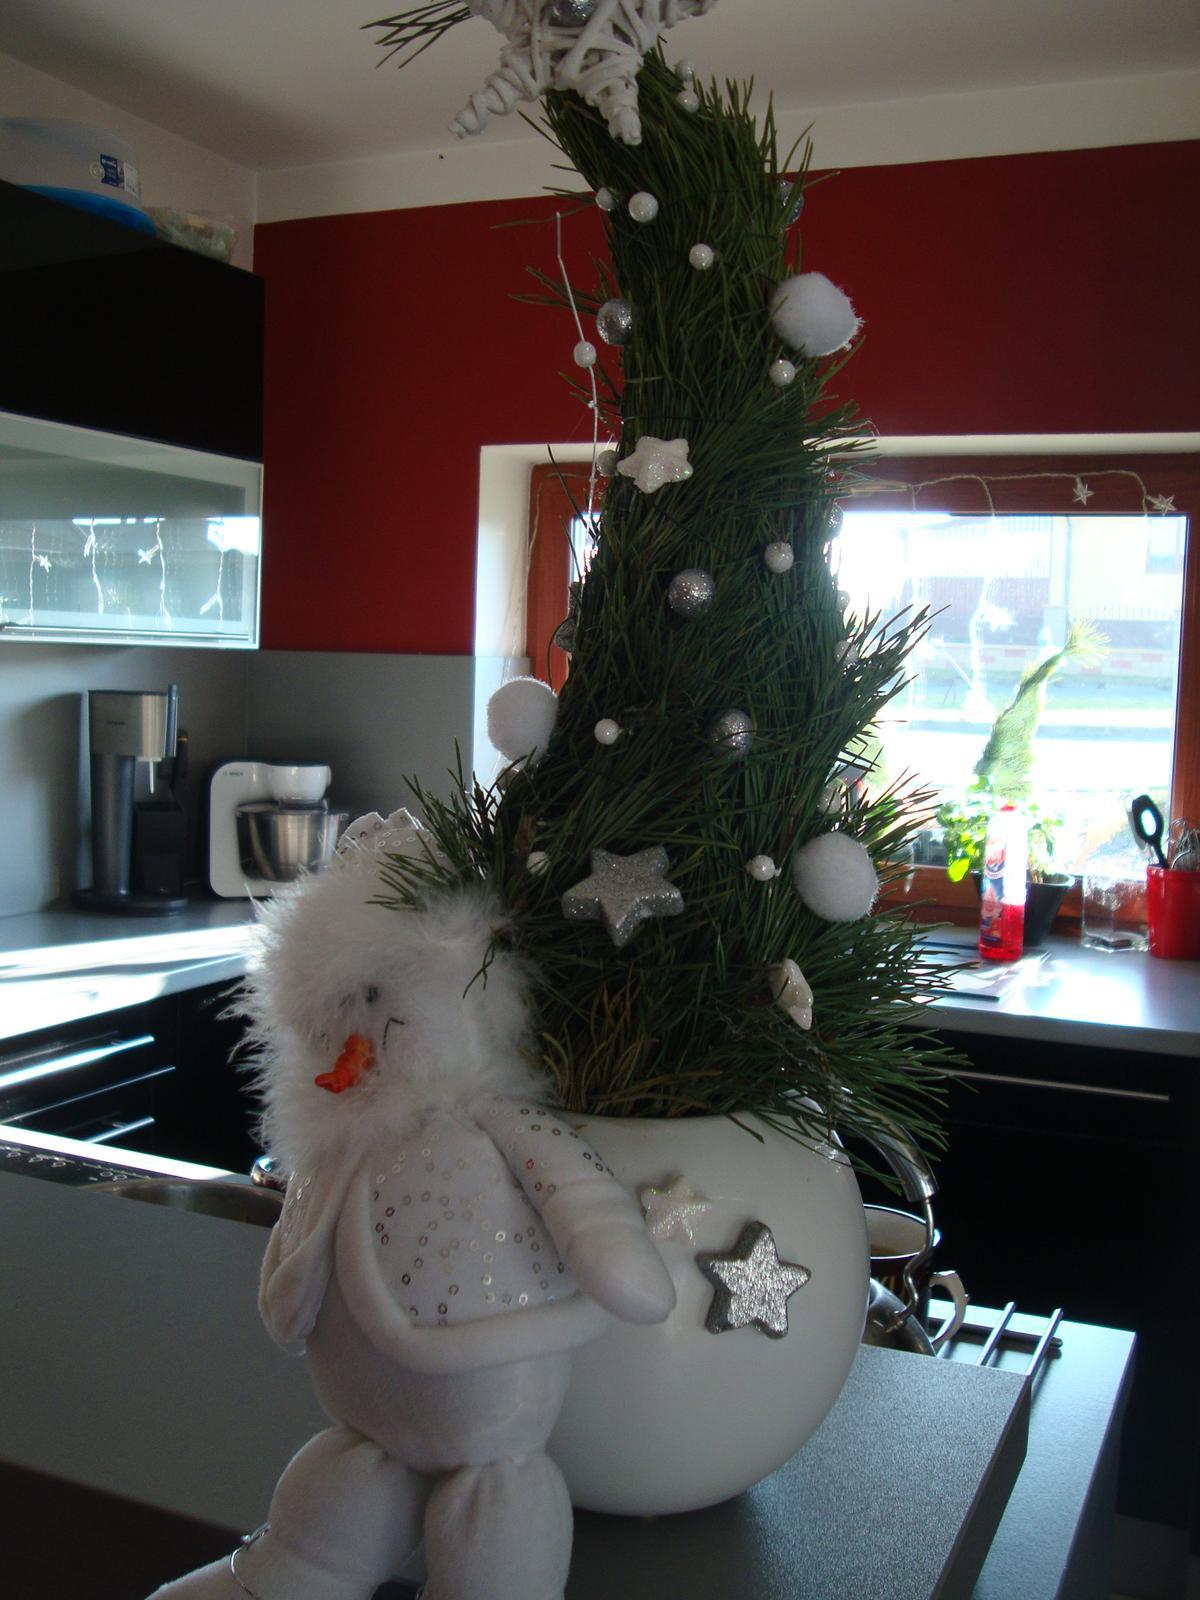 Náš domeček - vánoční dekorace i se sněhuláčkem